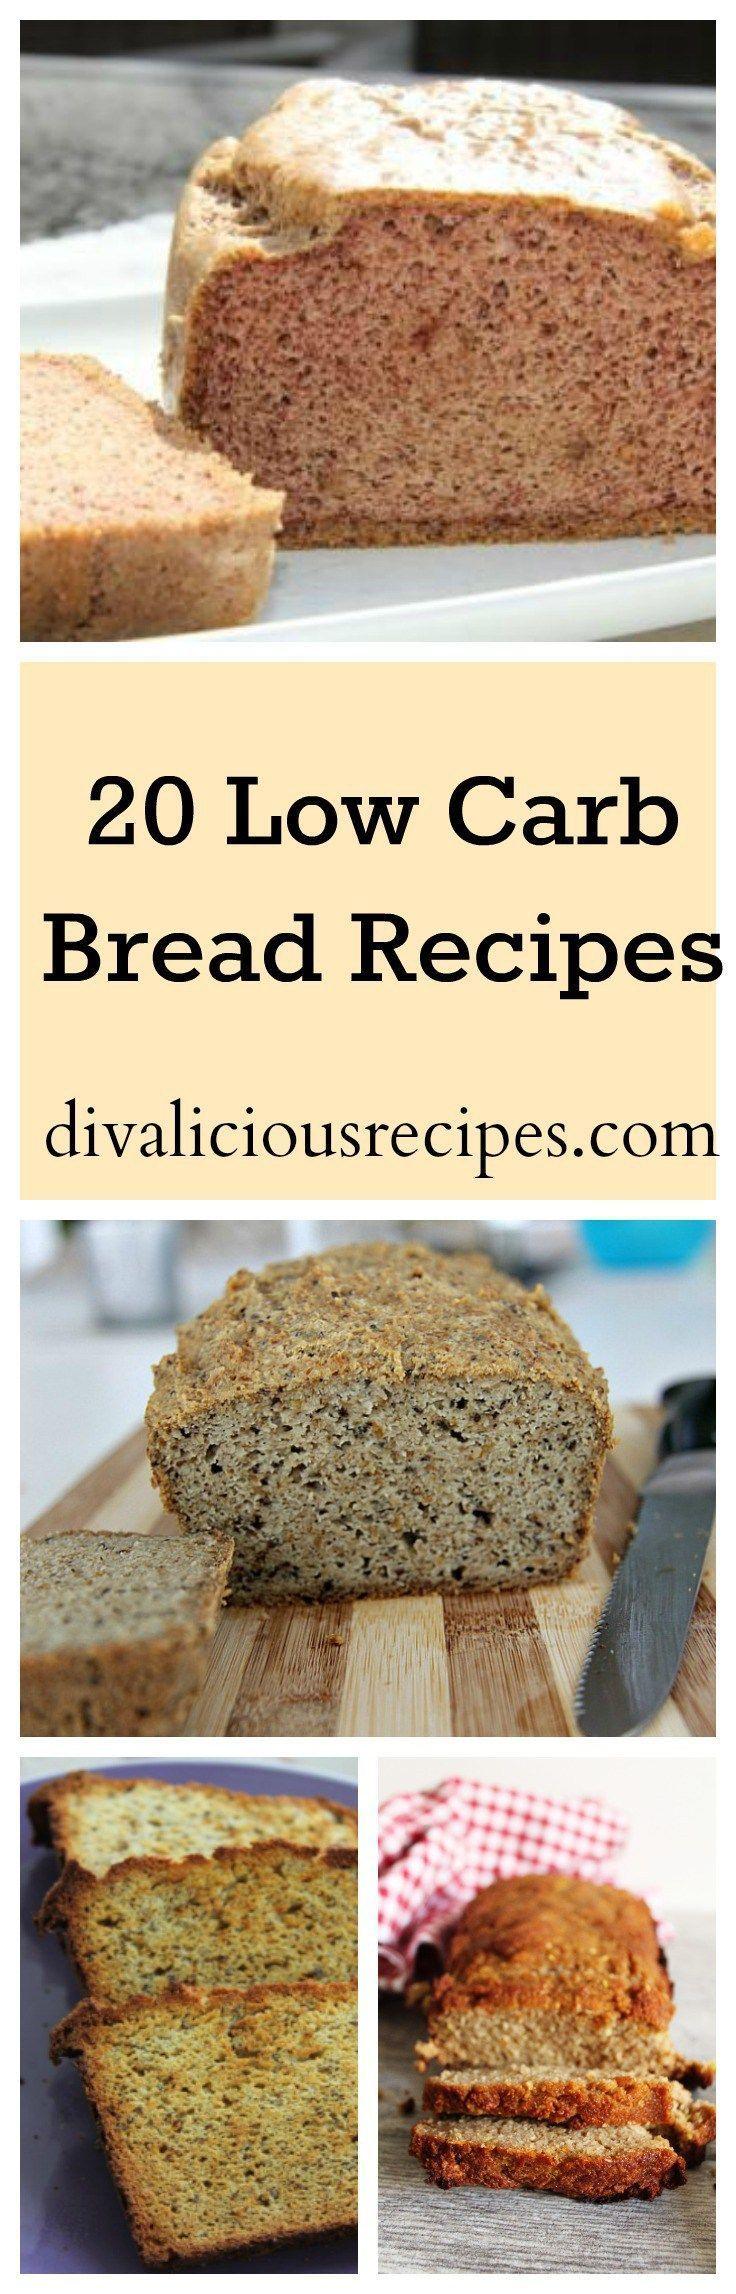 20 Low Carb Bread Recipes